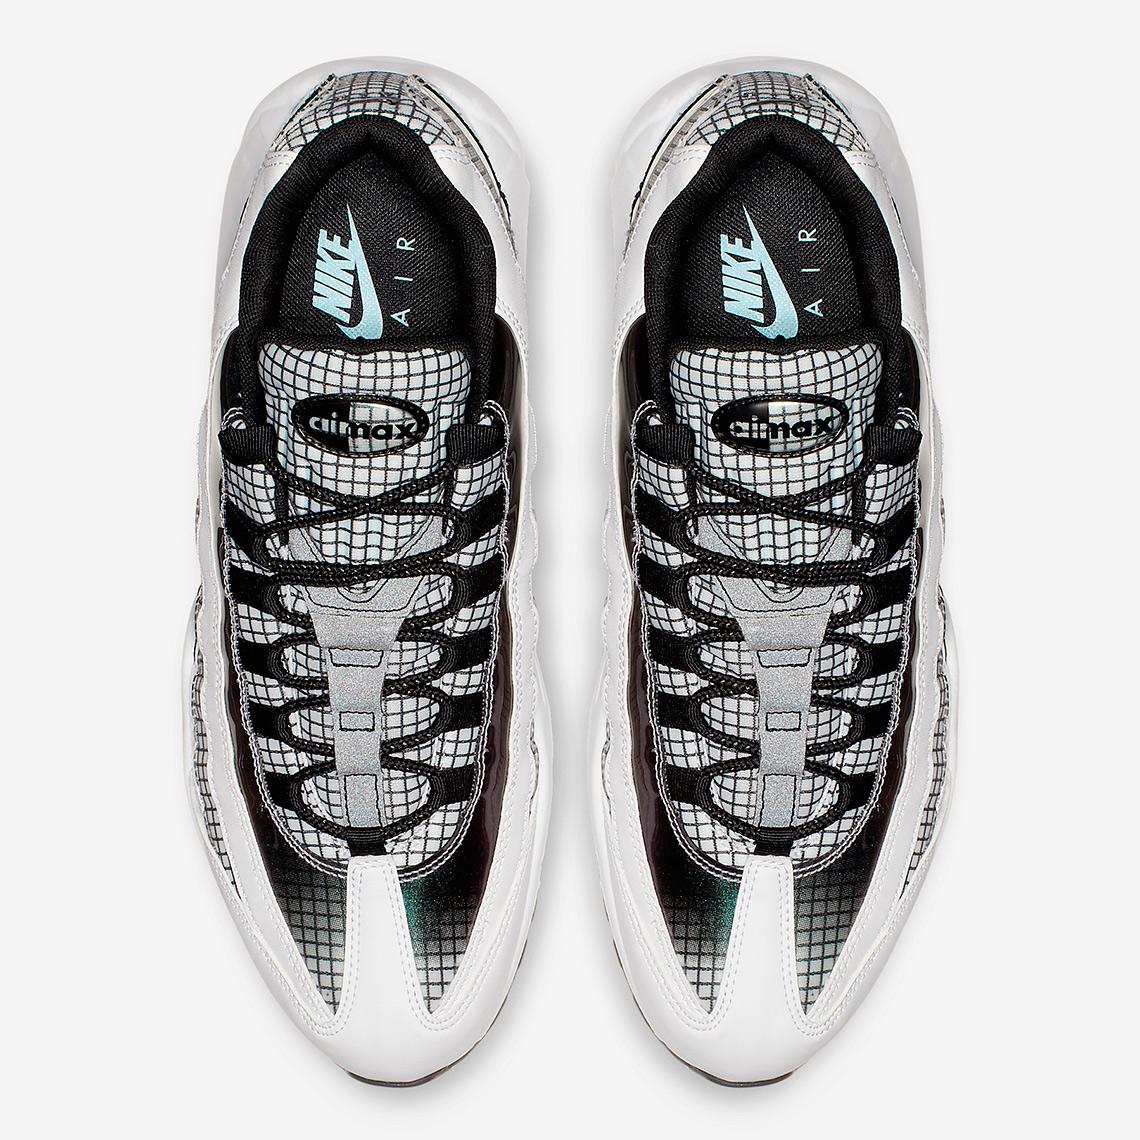 b5e16472b5 Nike Air Max 95 AO2450-100 Release Info | SneakerNews.com